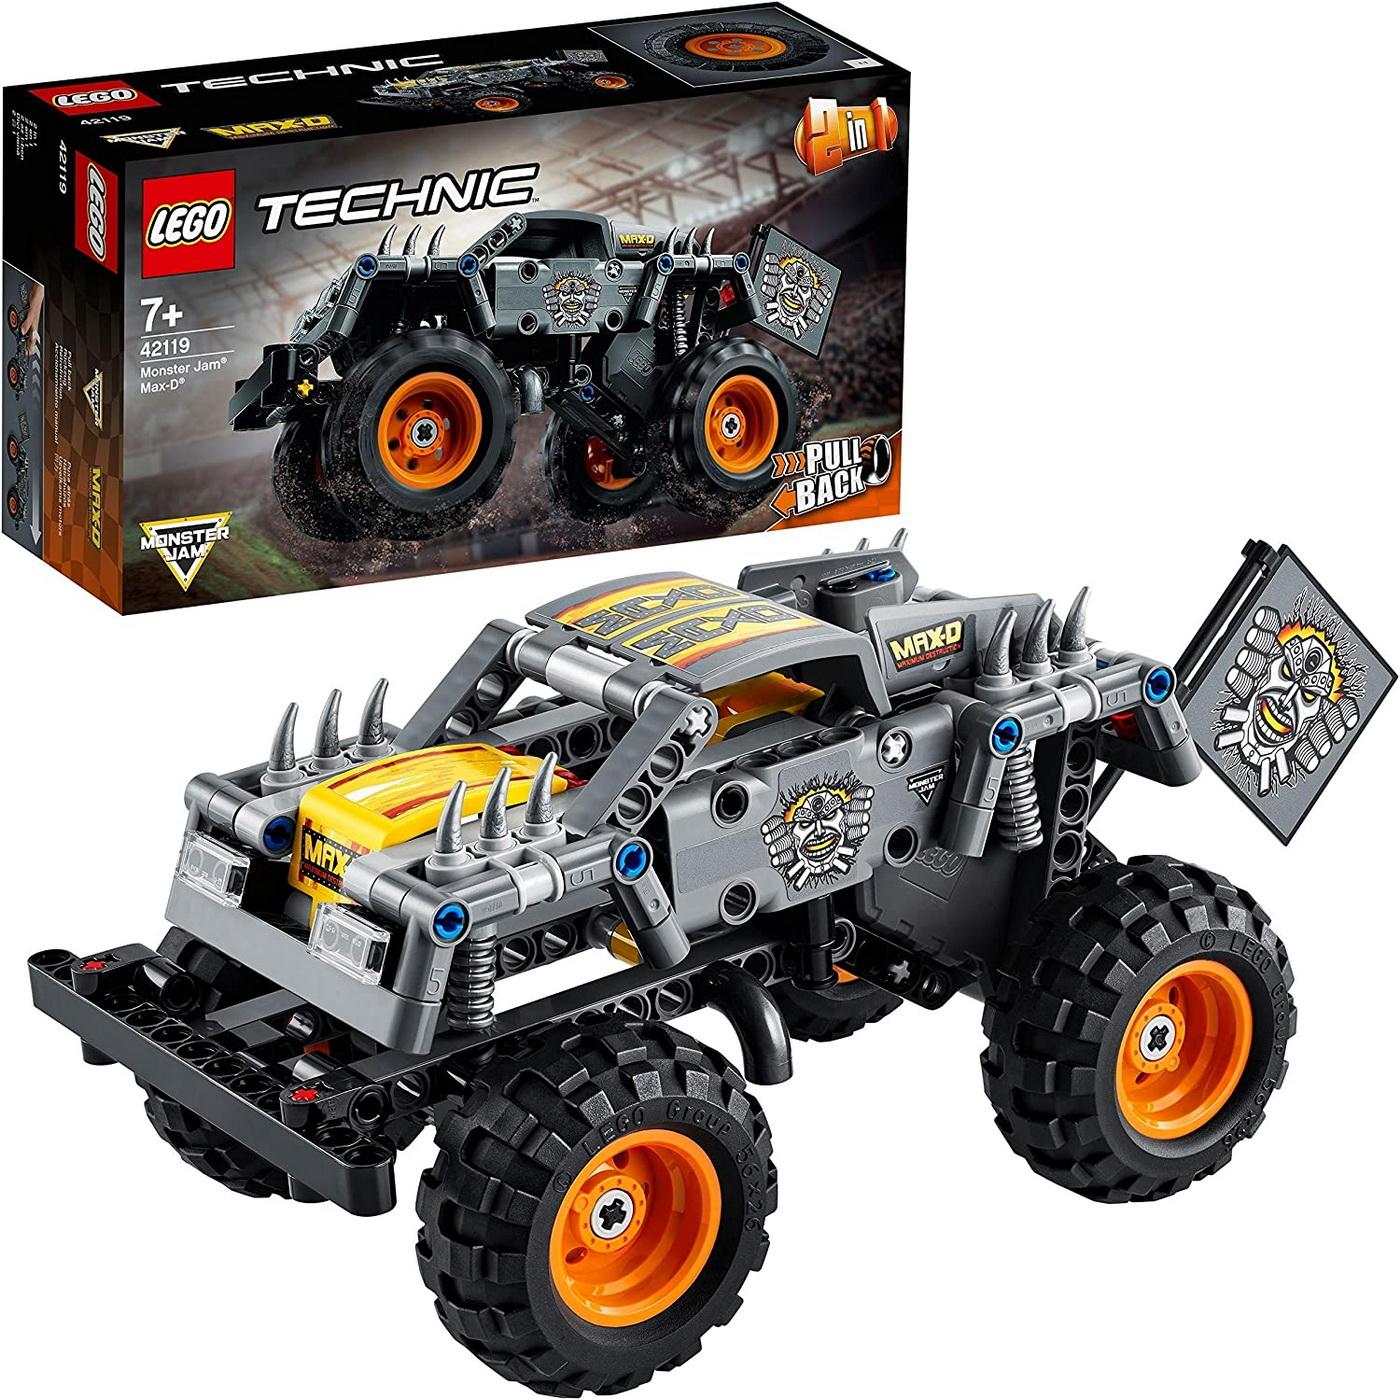 LEGO Technic - Monster Jam Max-D (42119)   LEGO - 1